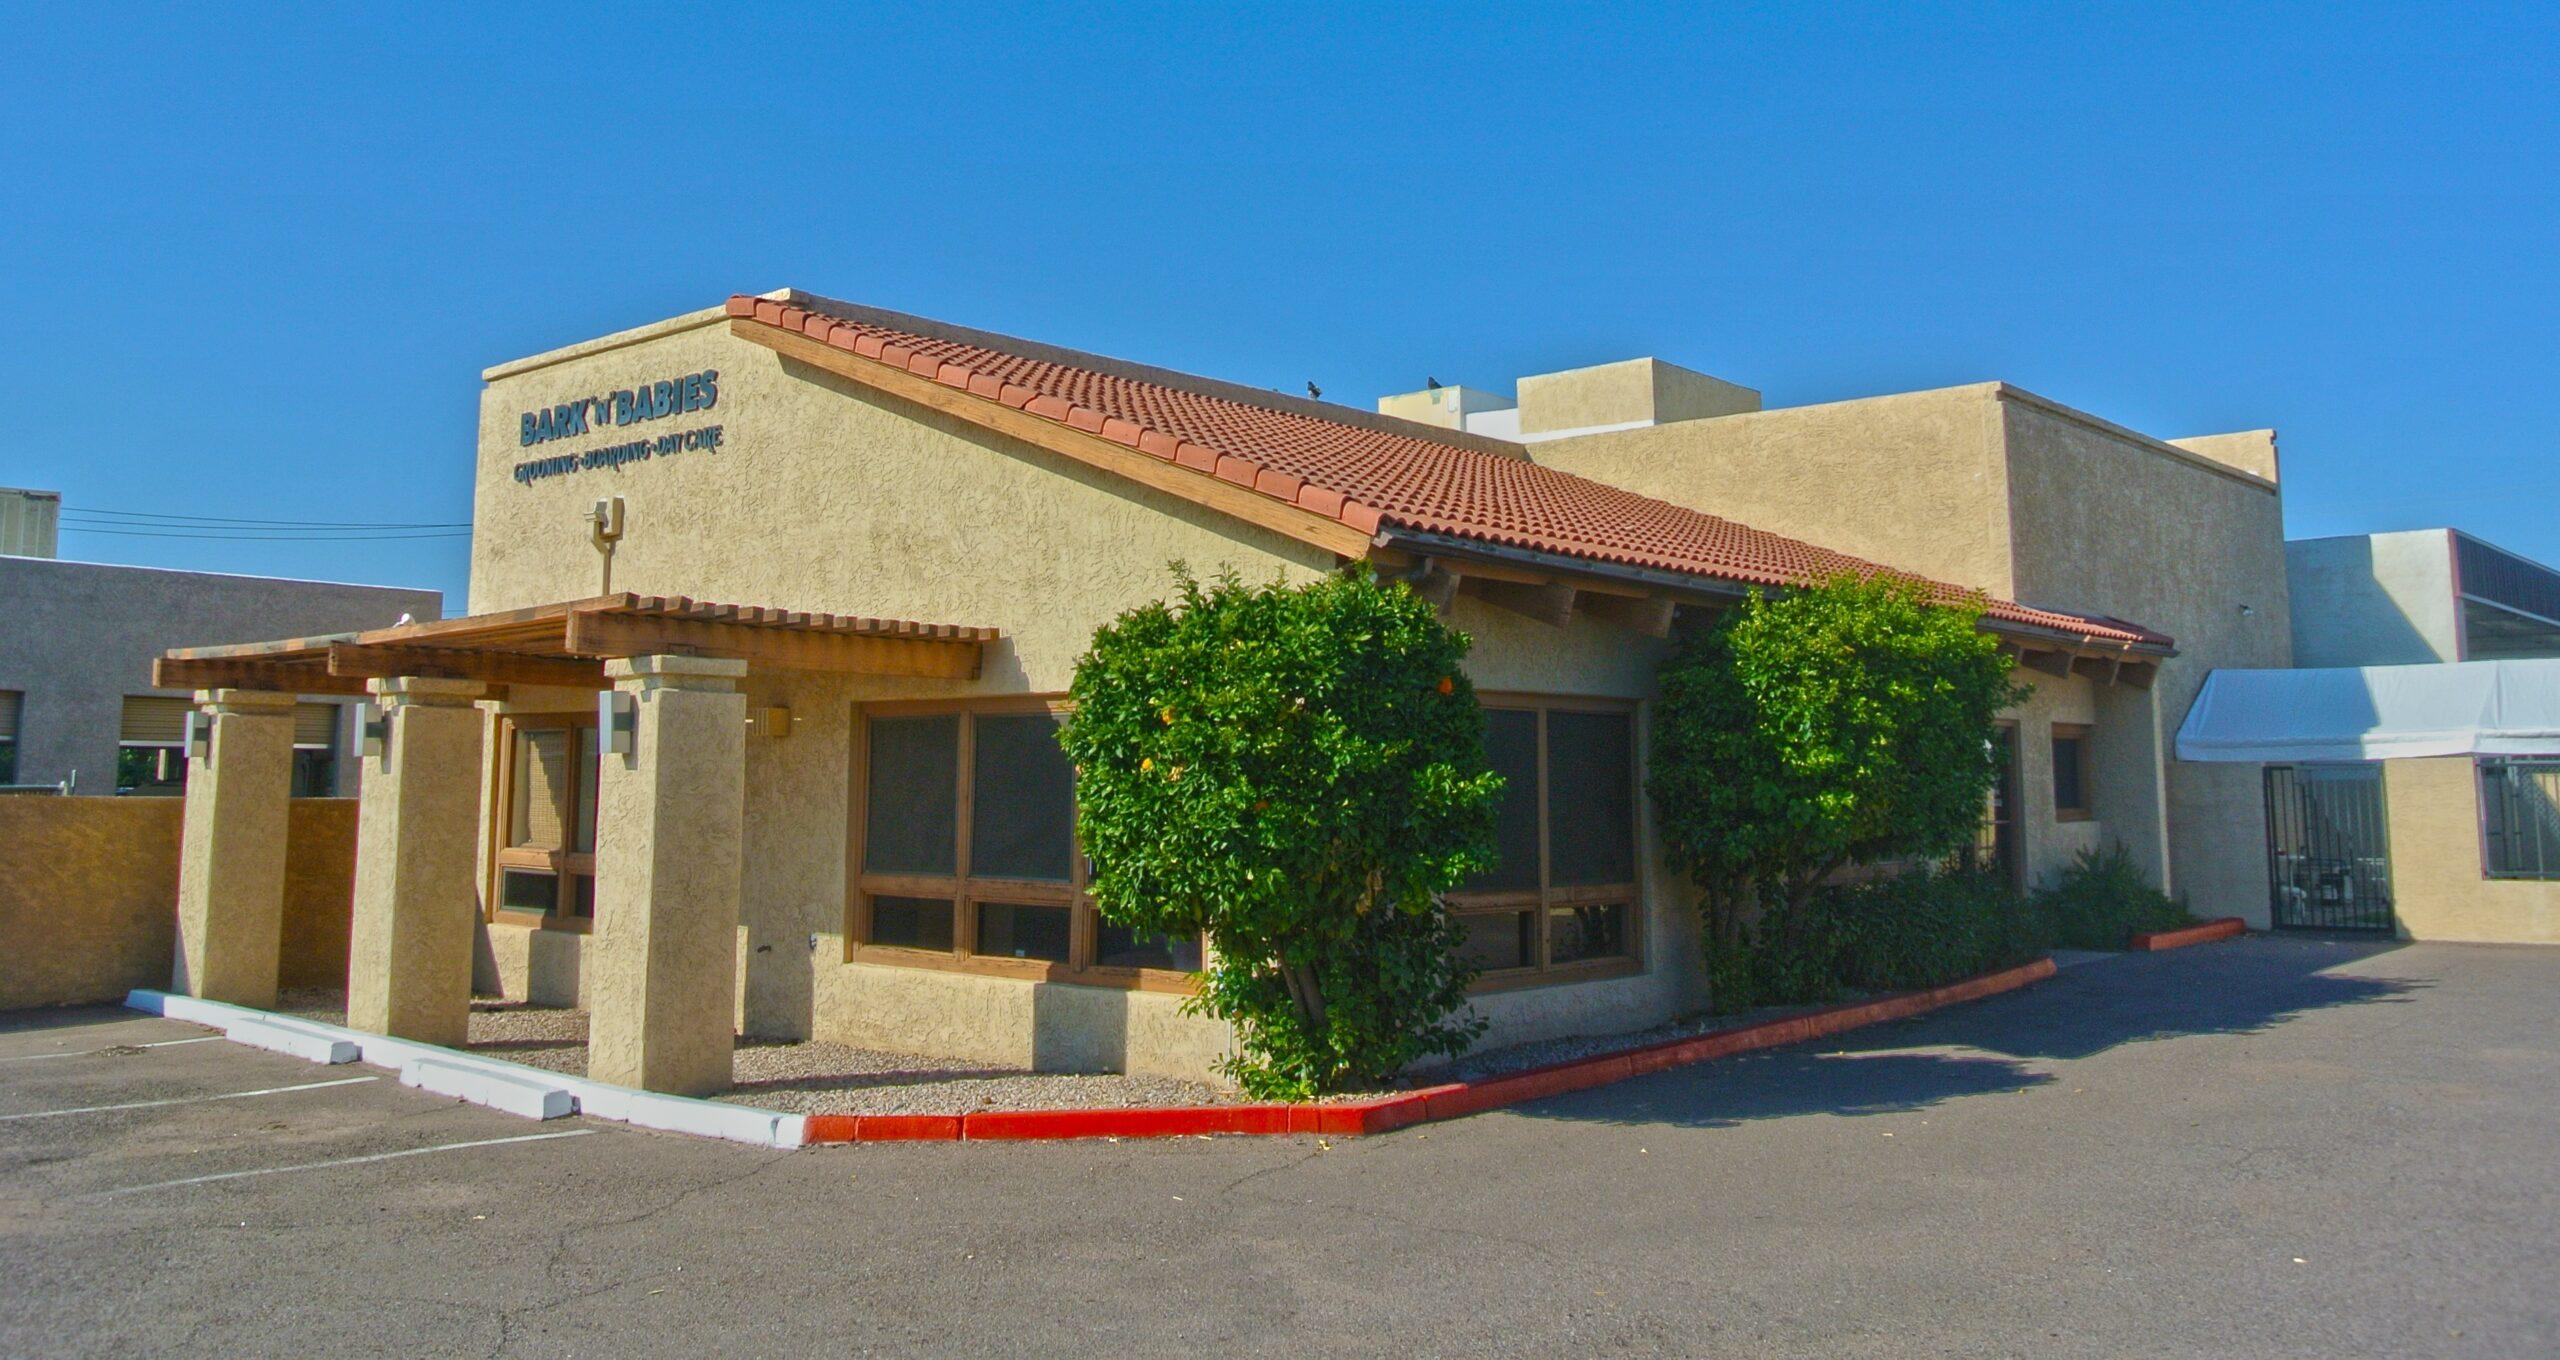 8134 E Indian School Rd, Scottsdale AZ 85251 Retail Building